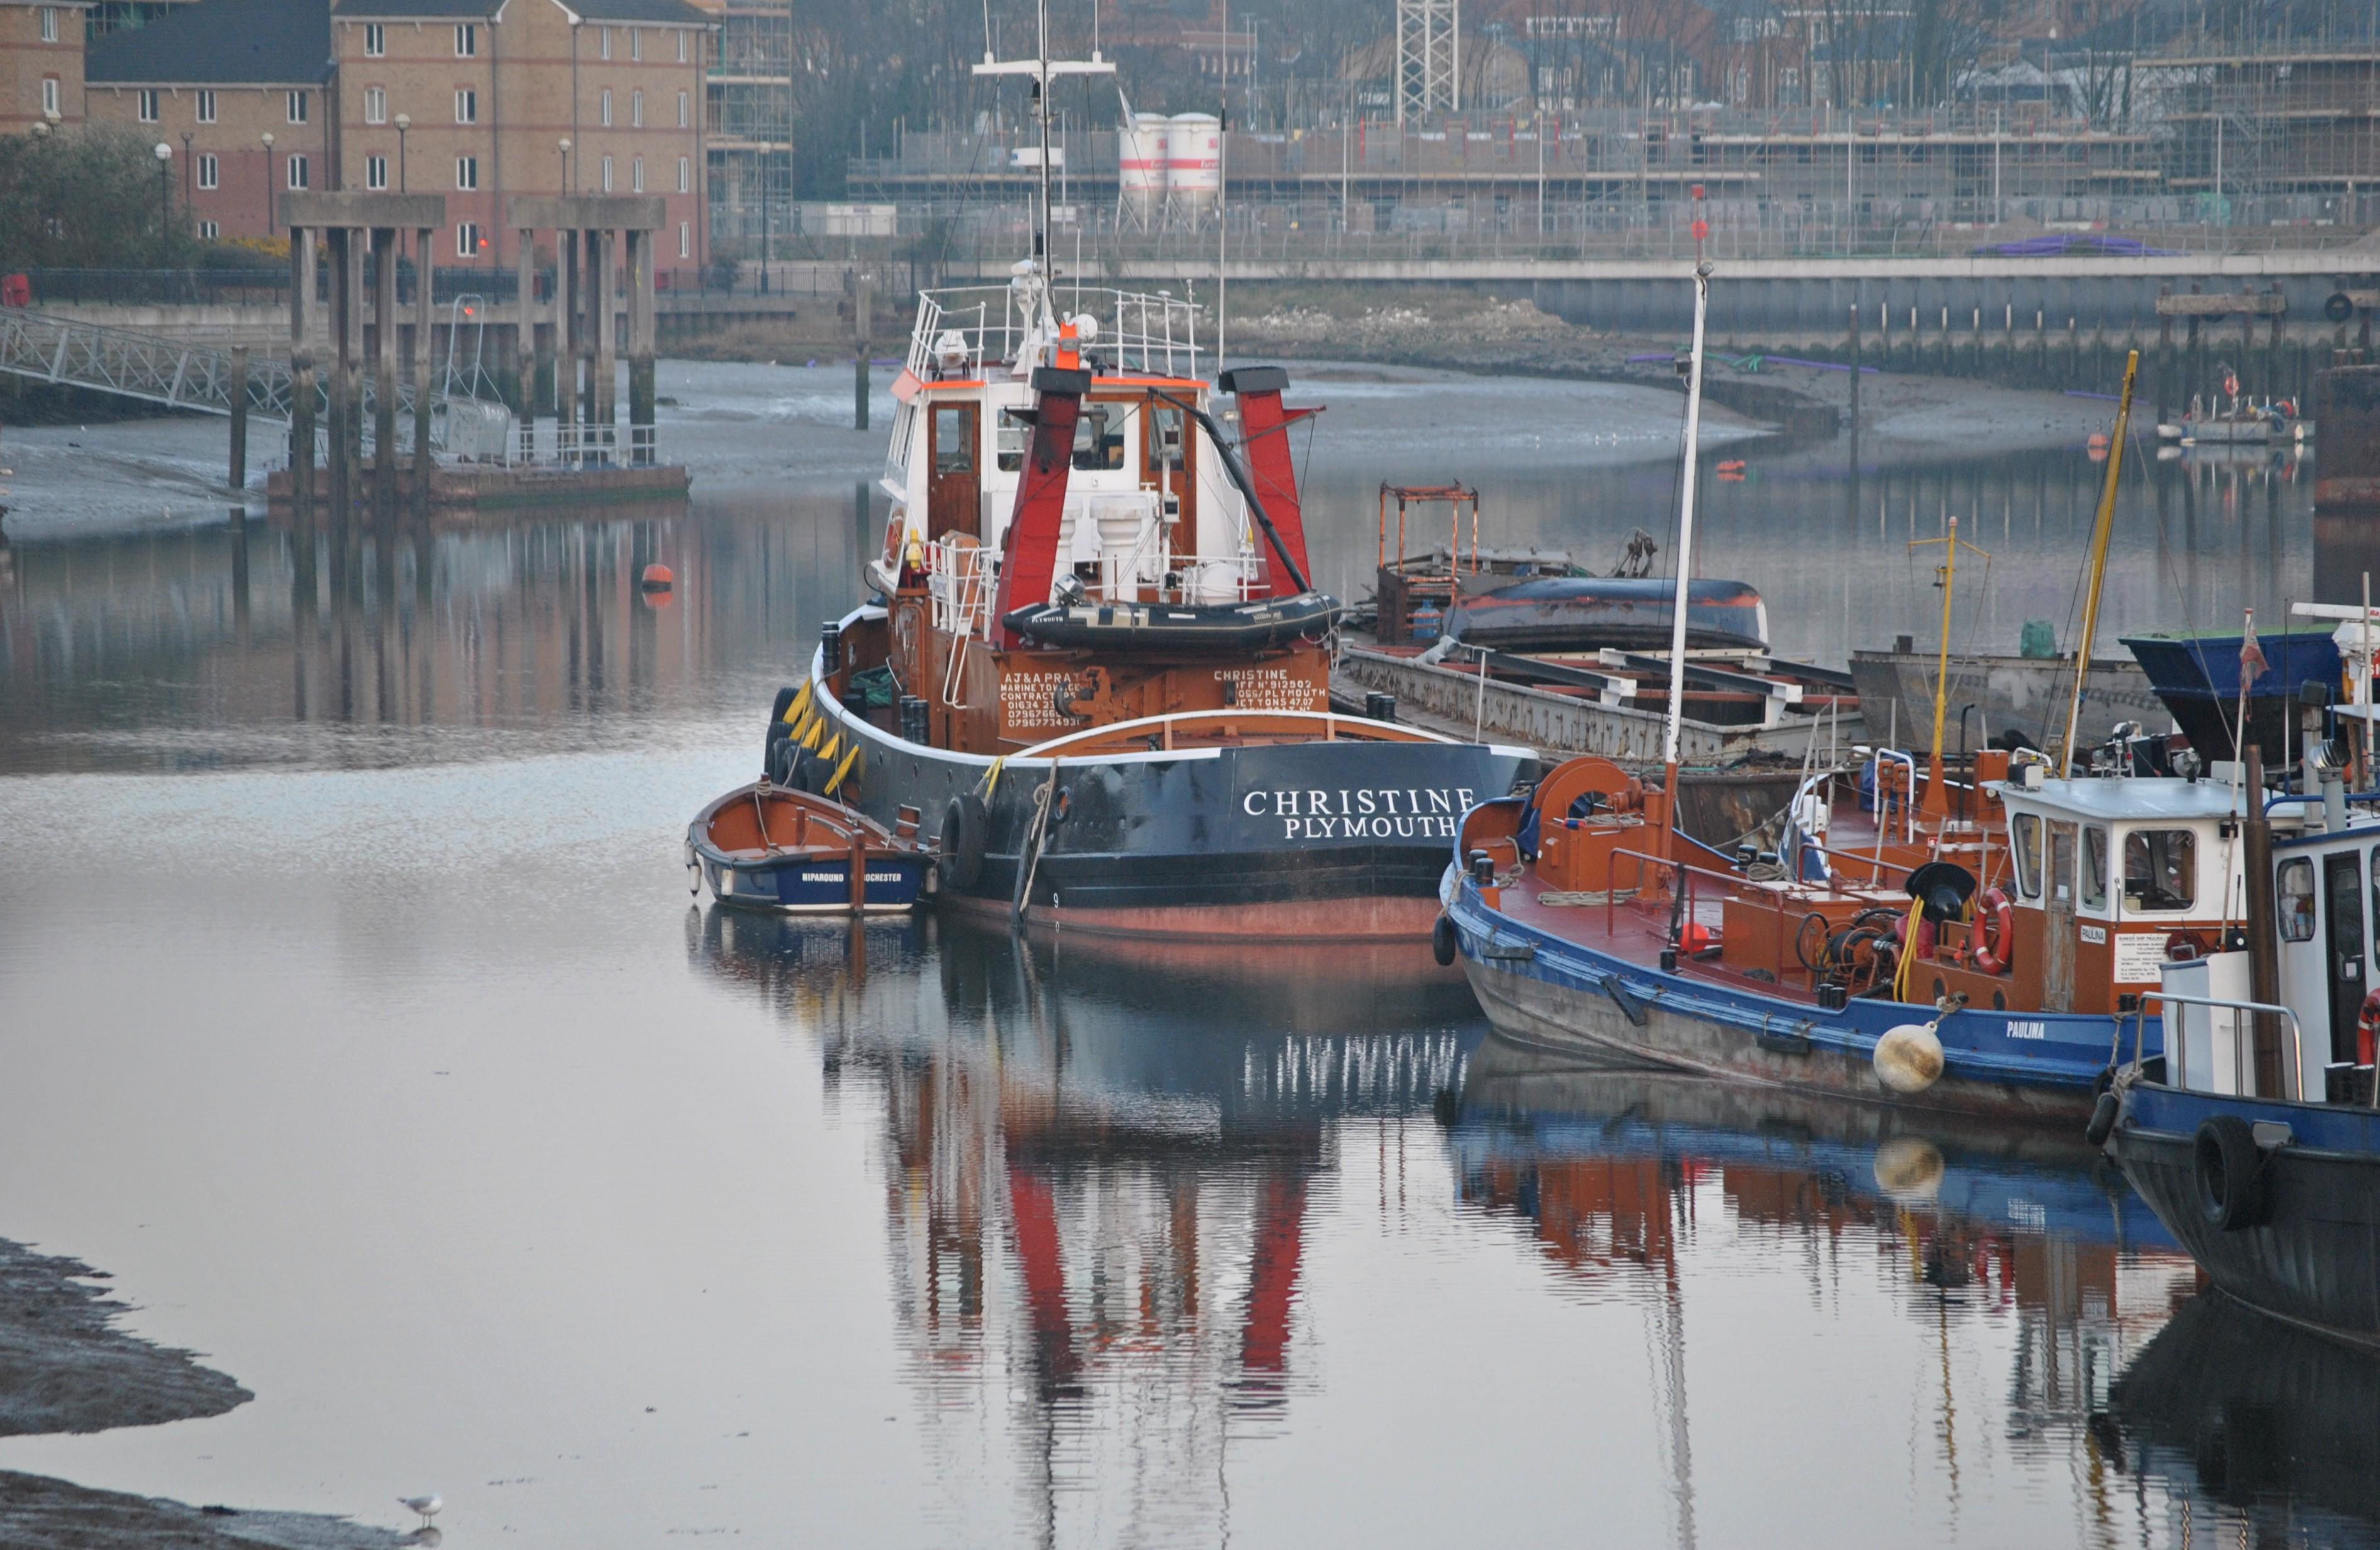 File:Tugboat